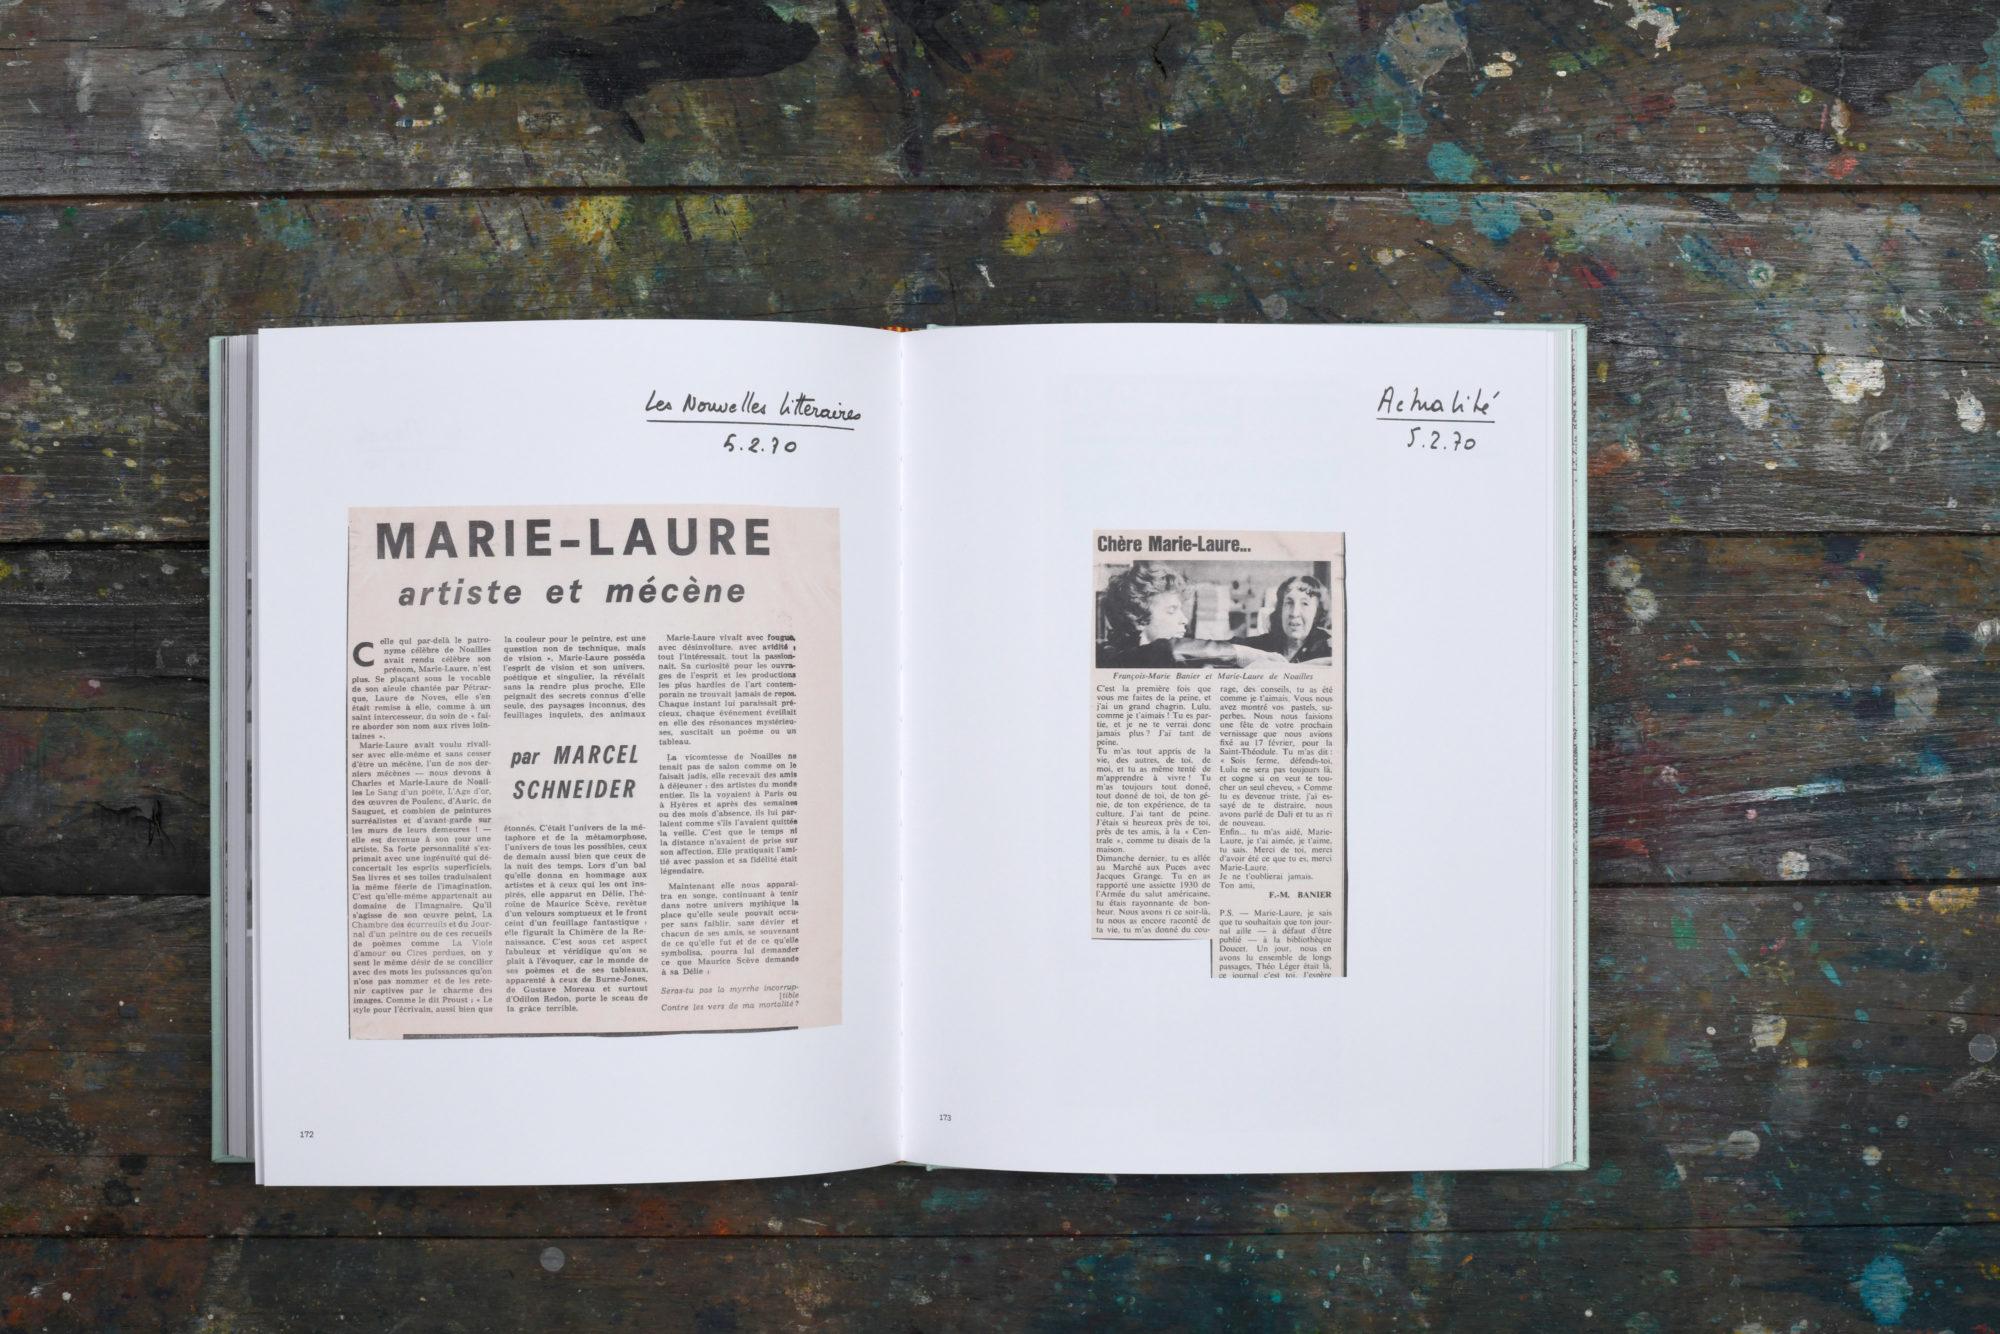 François-Marie Banier, Marie-Laure de Noailles 1969-1970 - François-Marie Banier